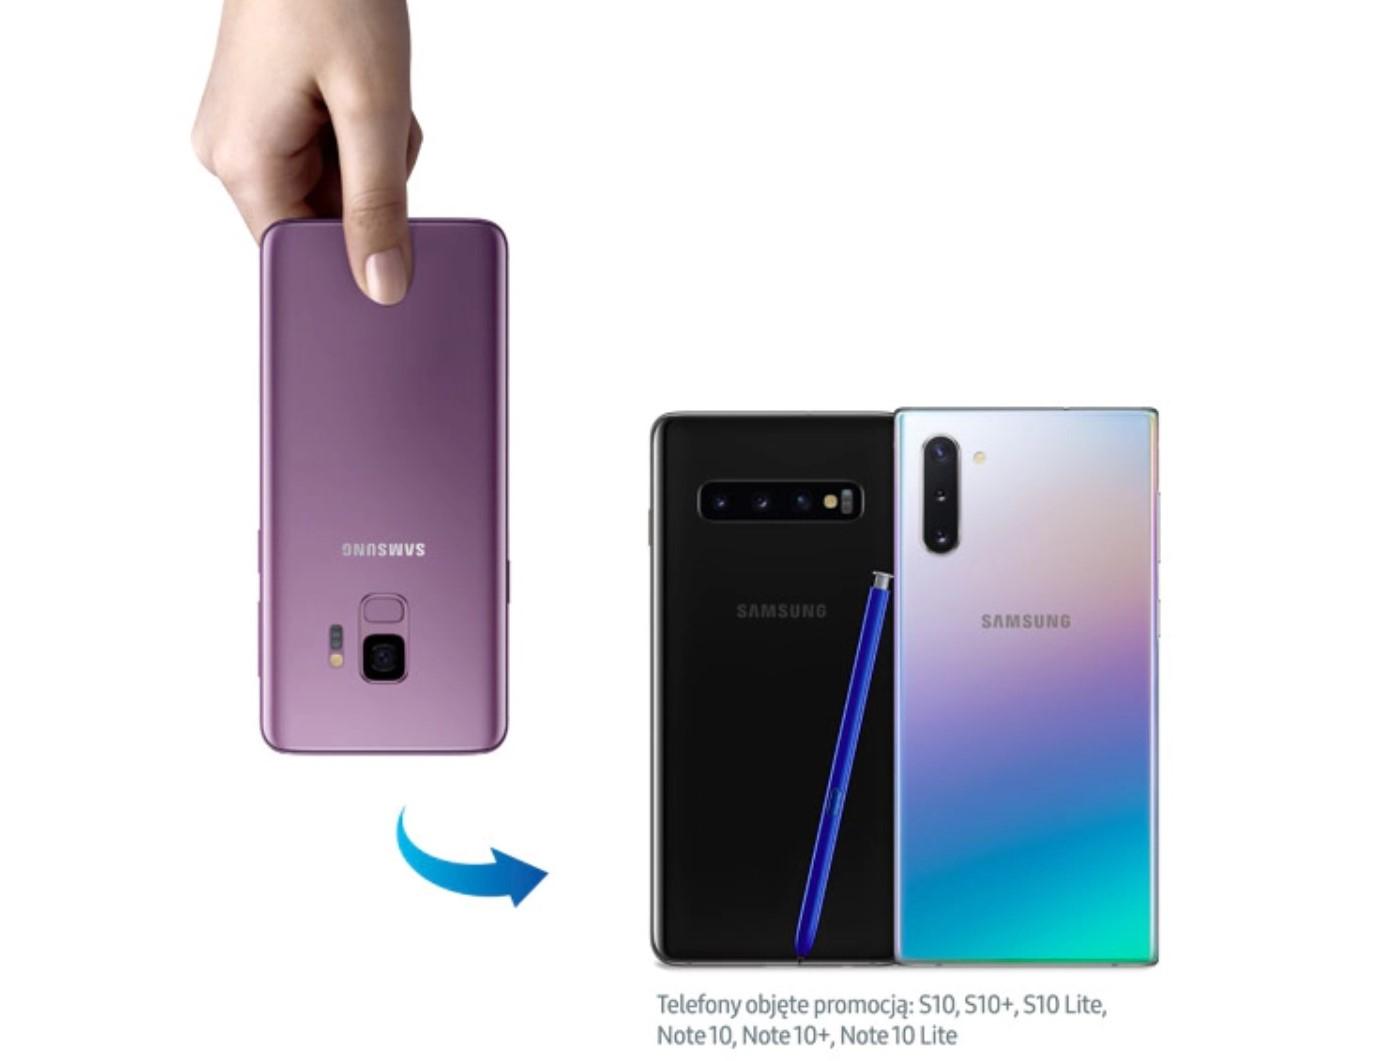 Promocja: nawet 650 zł do wyceny starego smartfona przy zakupie Galaxy S10/Note 10 18